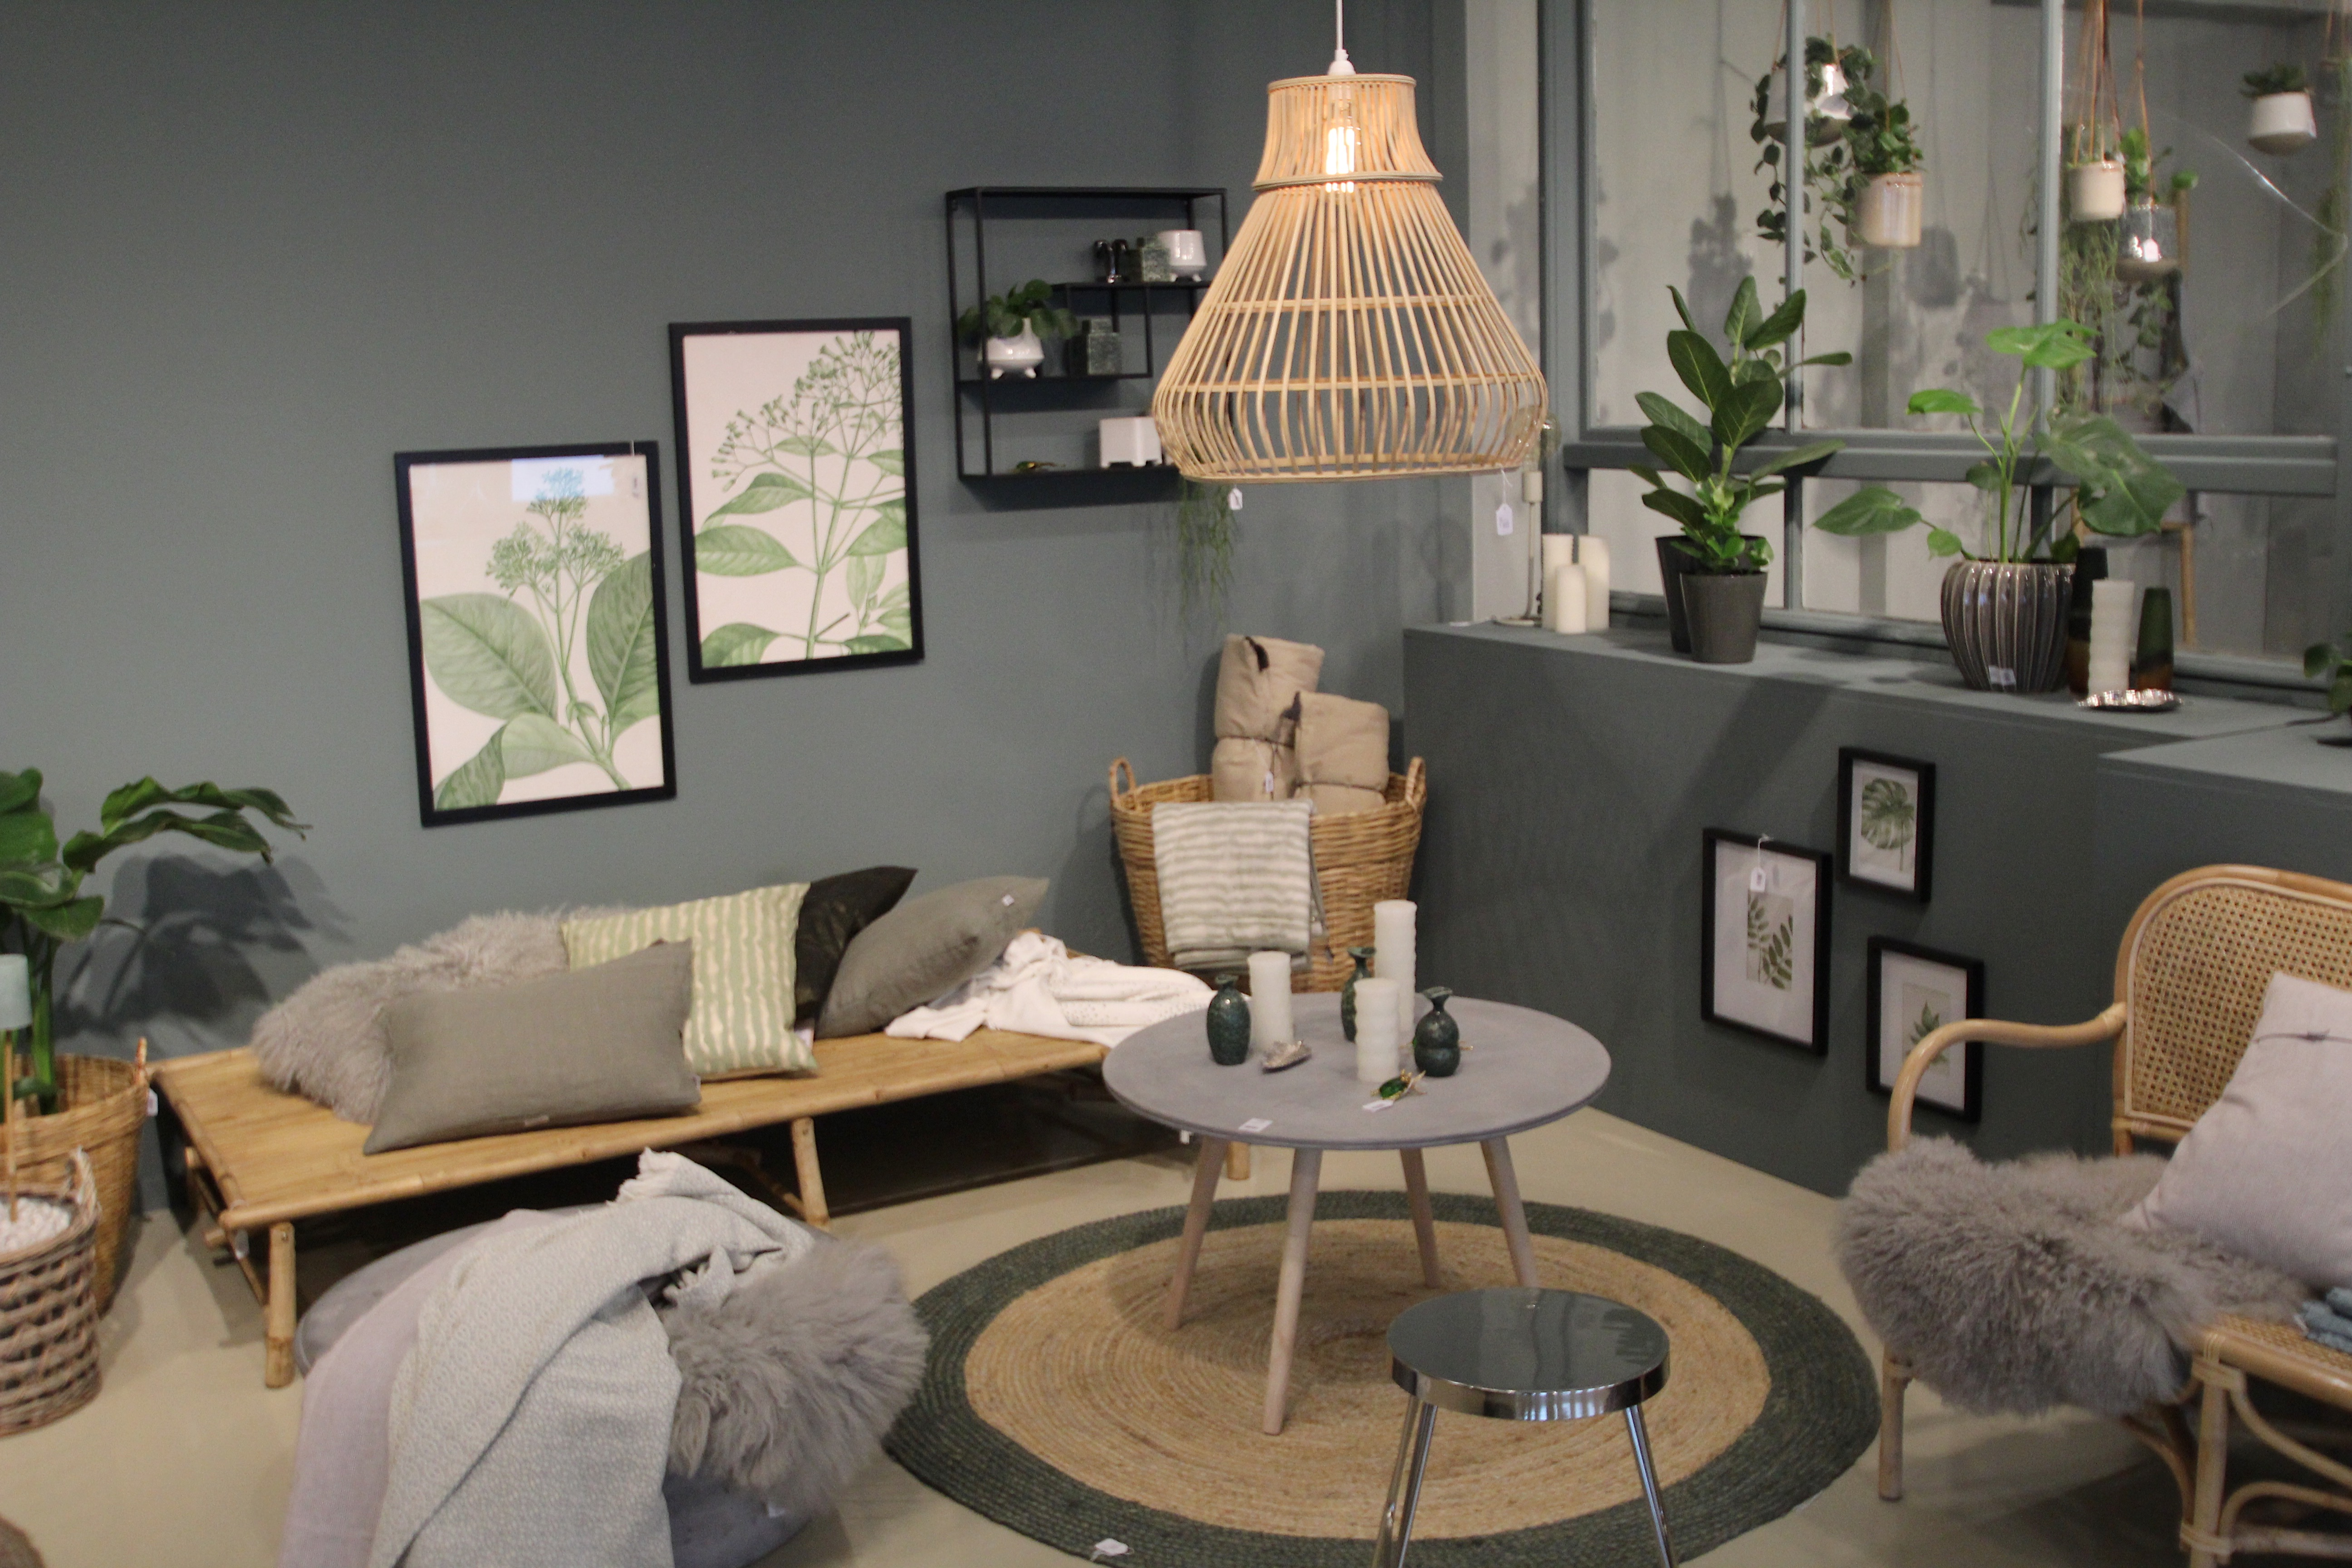 das wohngut blog unser stil ist nordisch klar franz sisch verspielt. Black Bedroom Furniture Sets. Home Design Ideas